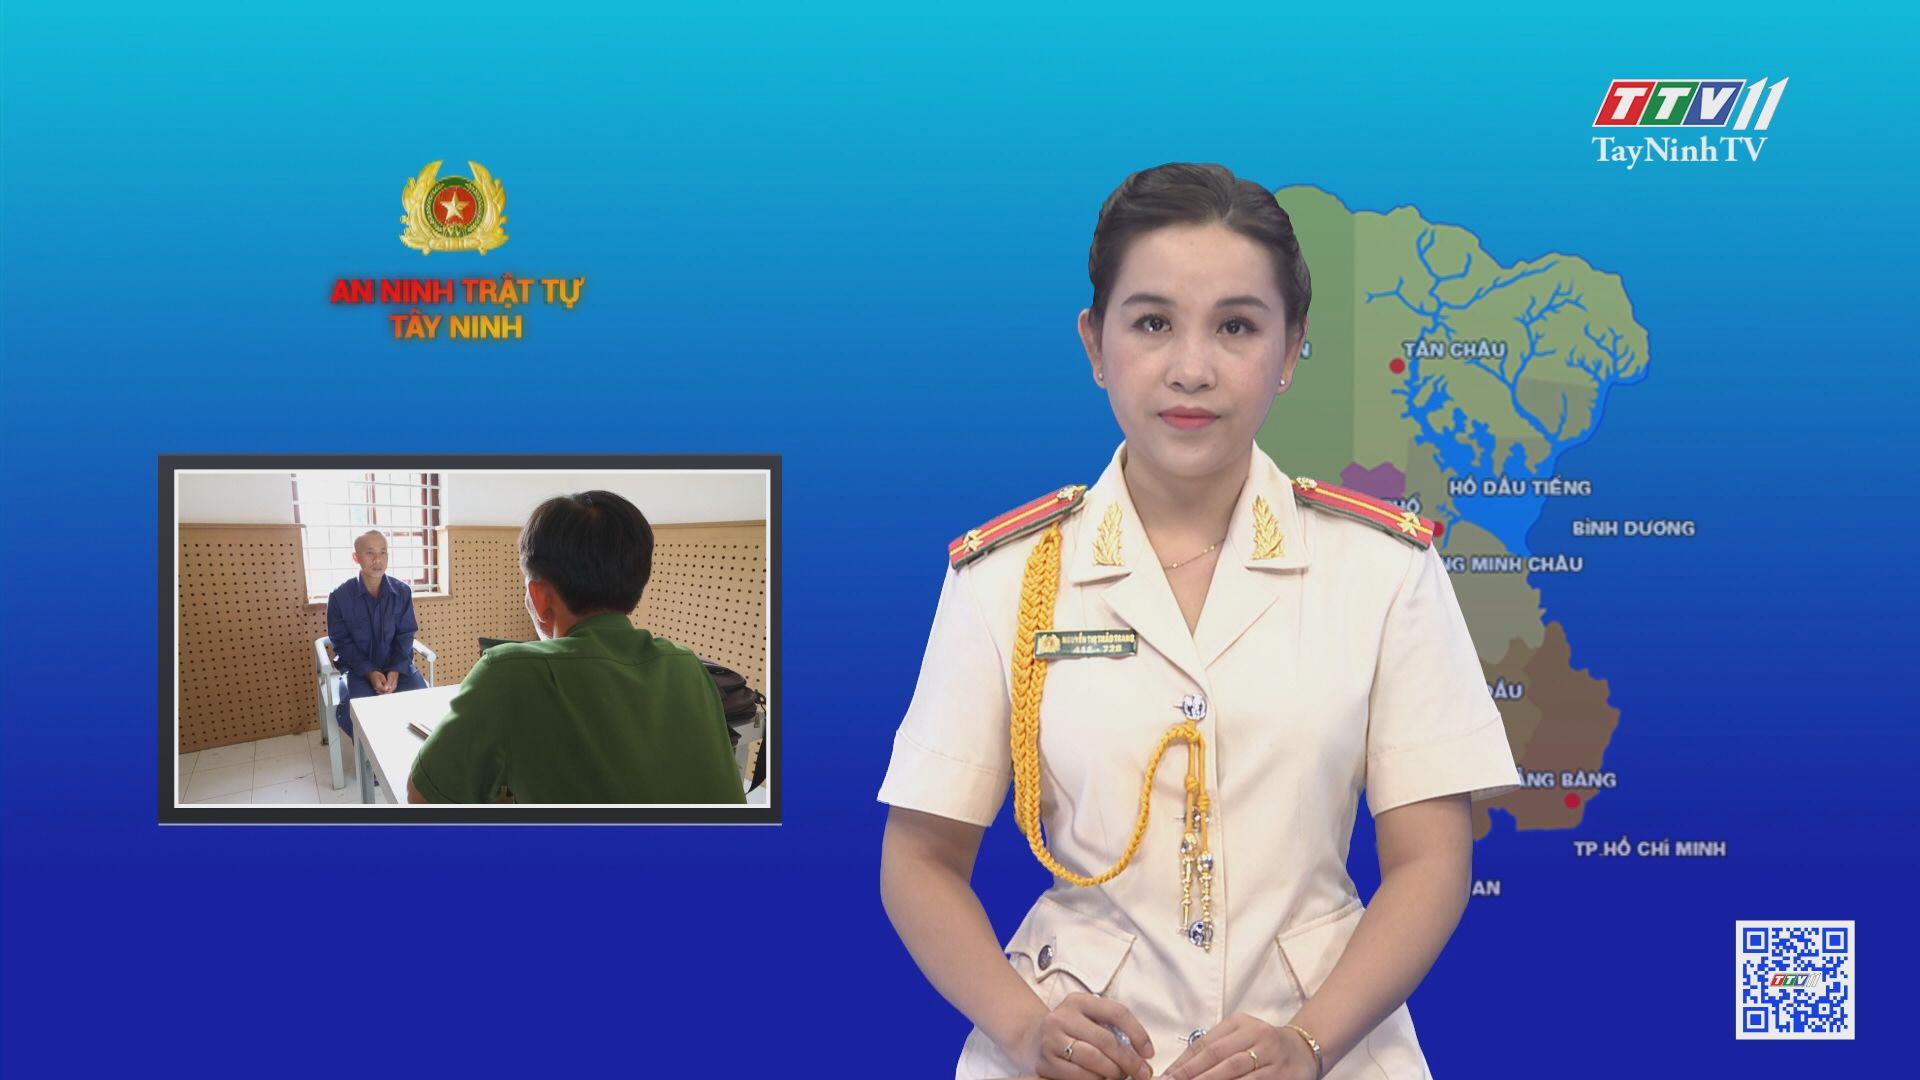 Tạm giữ hình sự đối tượng giết người | AN NINH TRẬT TỰ | TayNinhTV